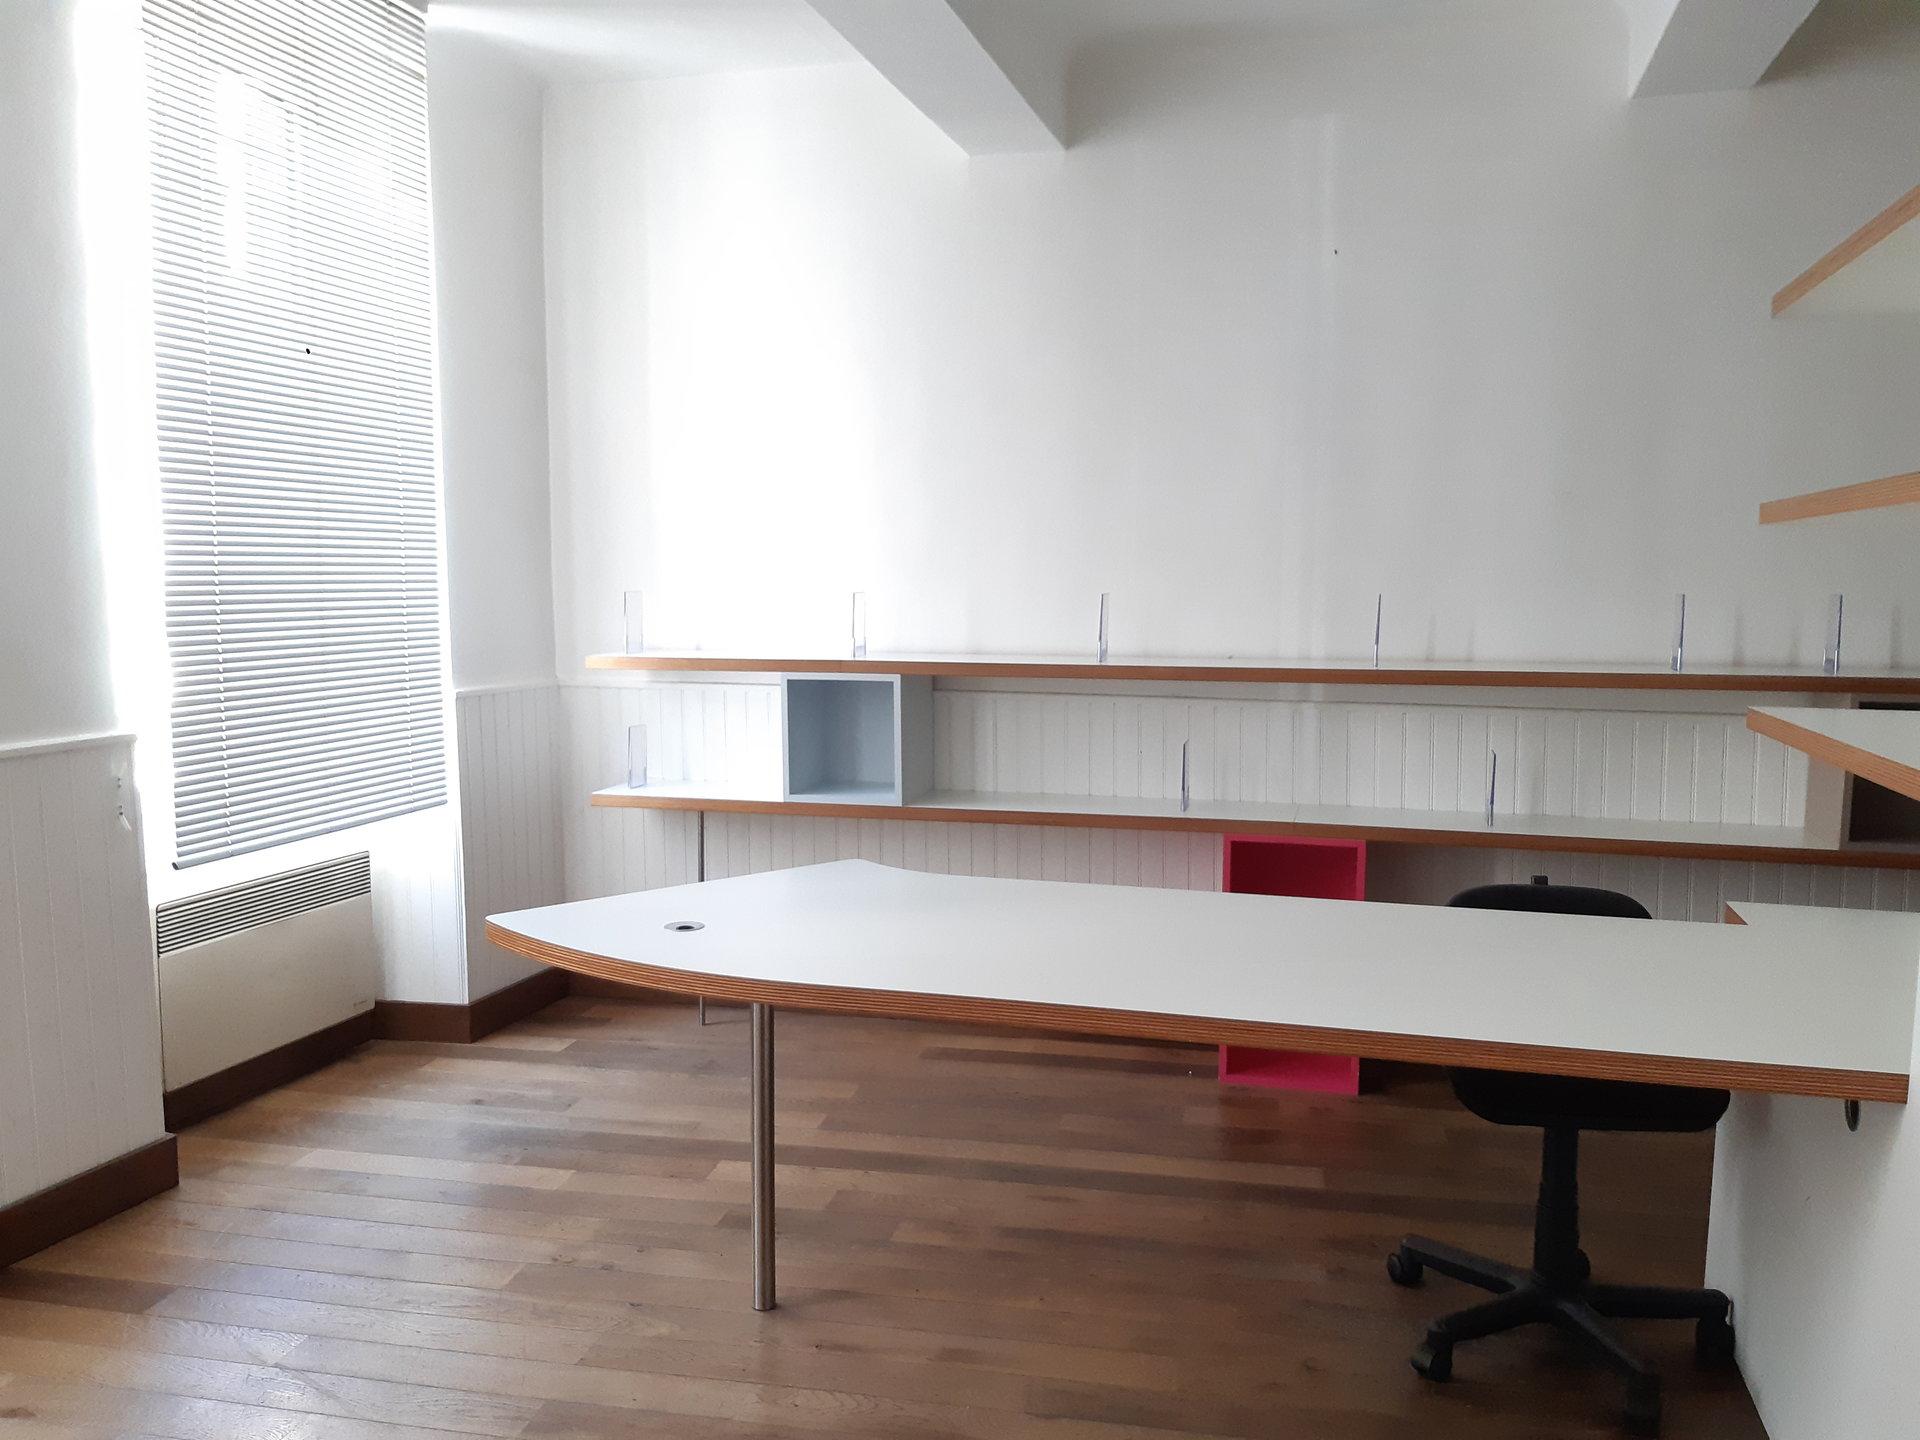 Vente Immeuble TARASCON surface habitable de 0 m²